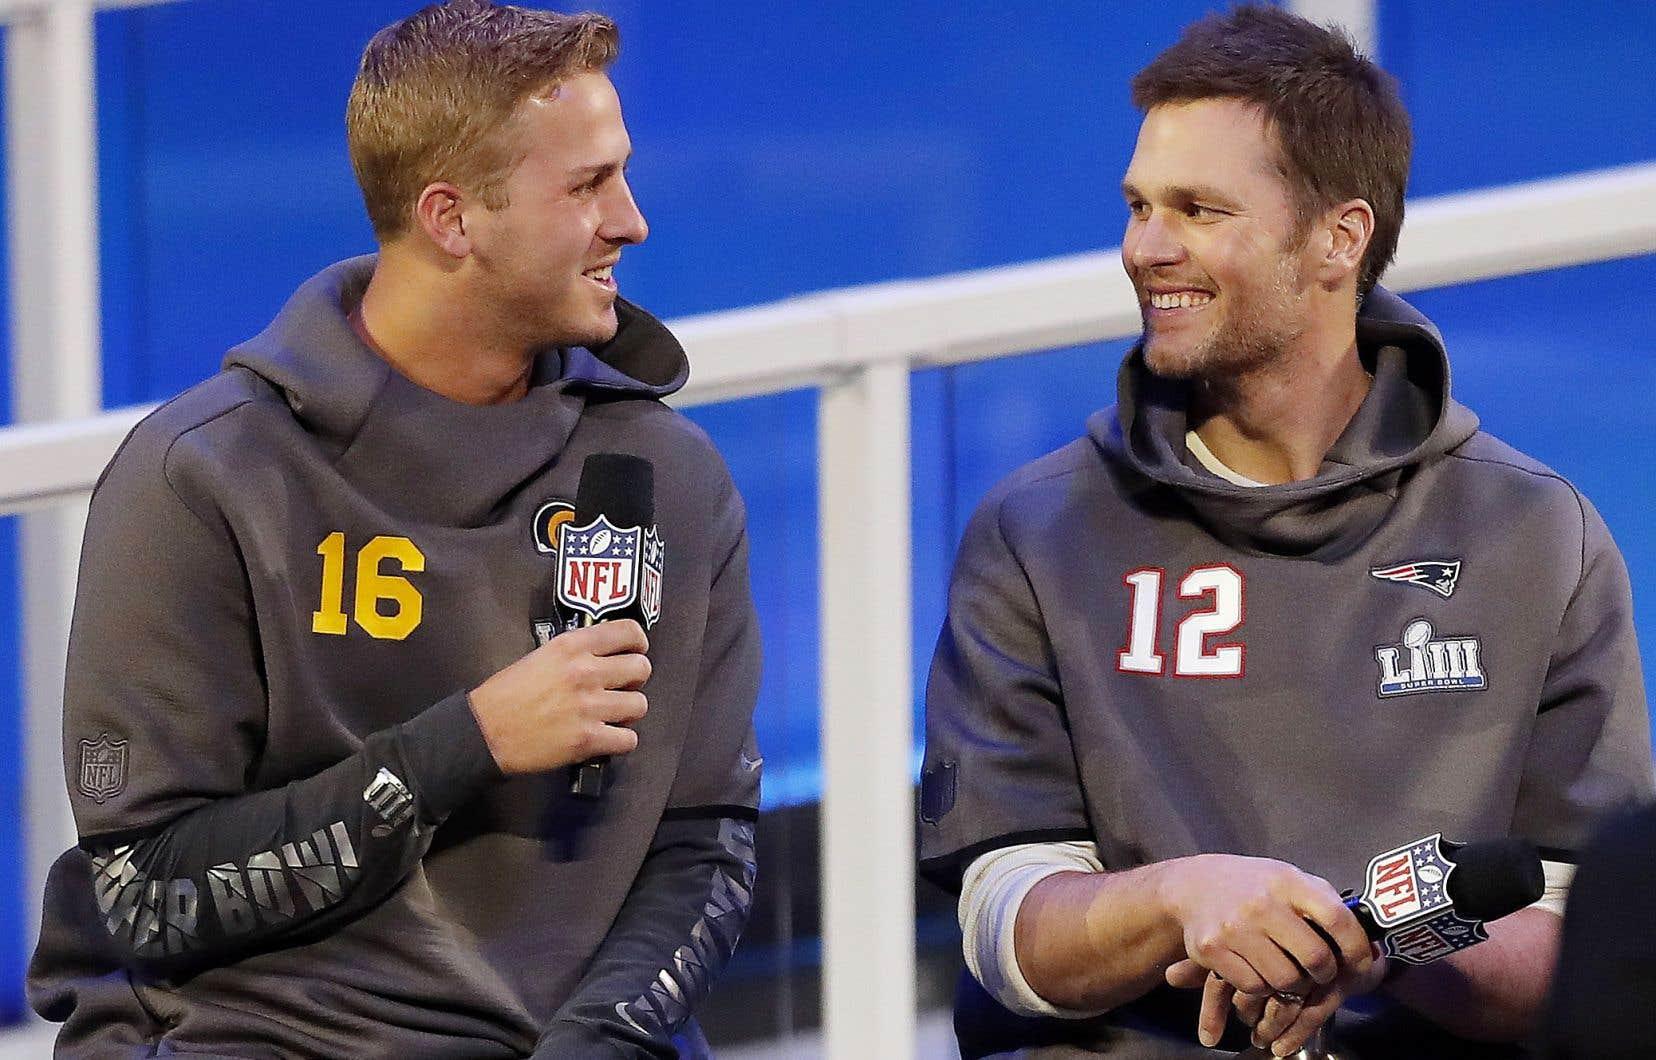 Les quarts Jared Goff, des Rams de Los Angeles, et Tom Brady, des Patriots de la Nouvelle-Angleterre, s'affronteront dimanche dans le match du Super Bowl.